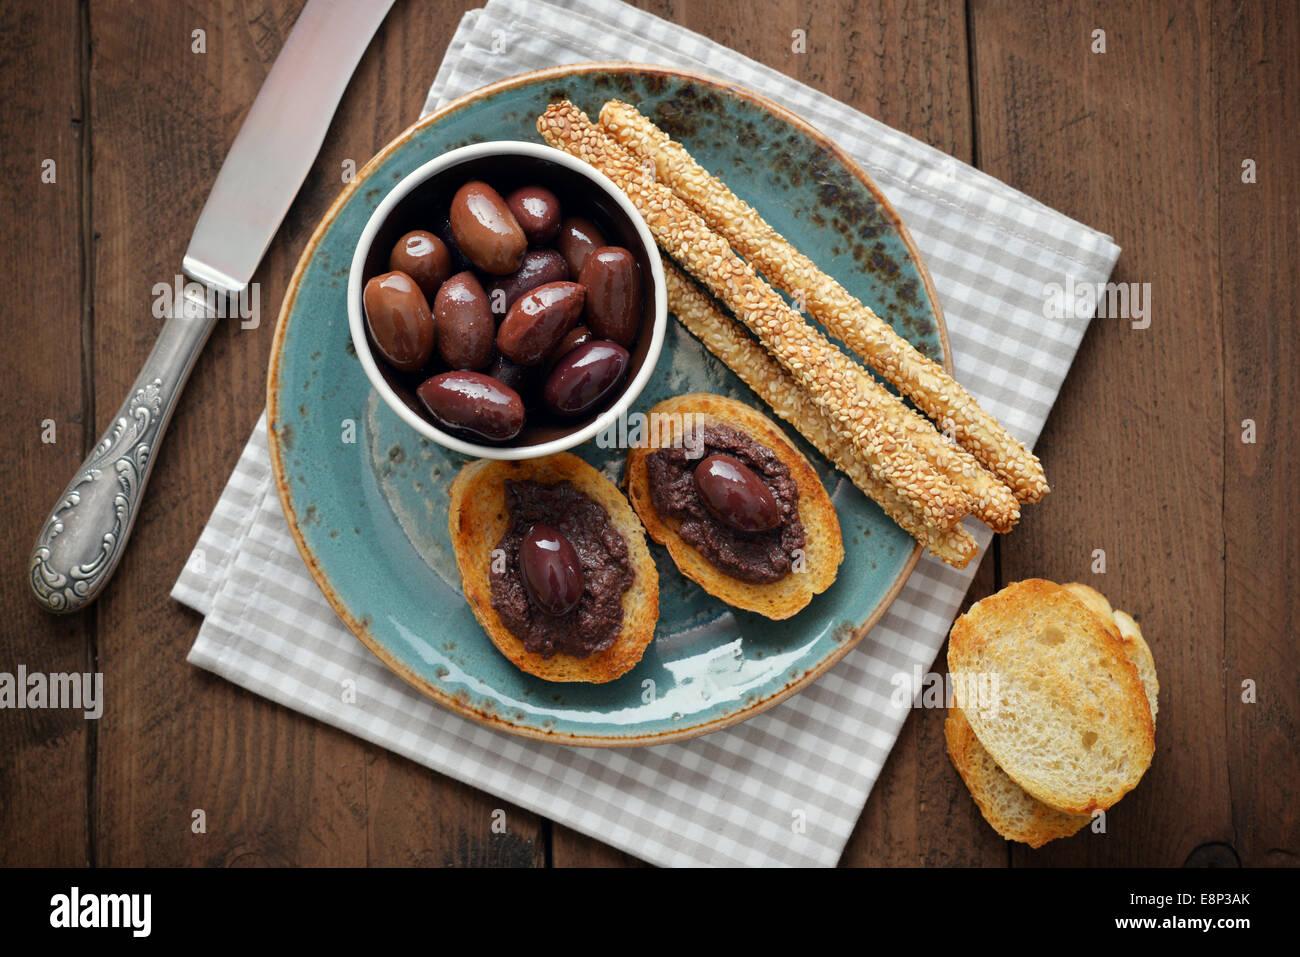 Pane con patè di olive su piastra in primo piano. La cucina greca Immagini Stock